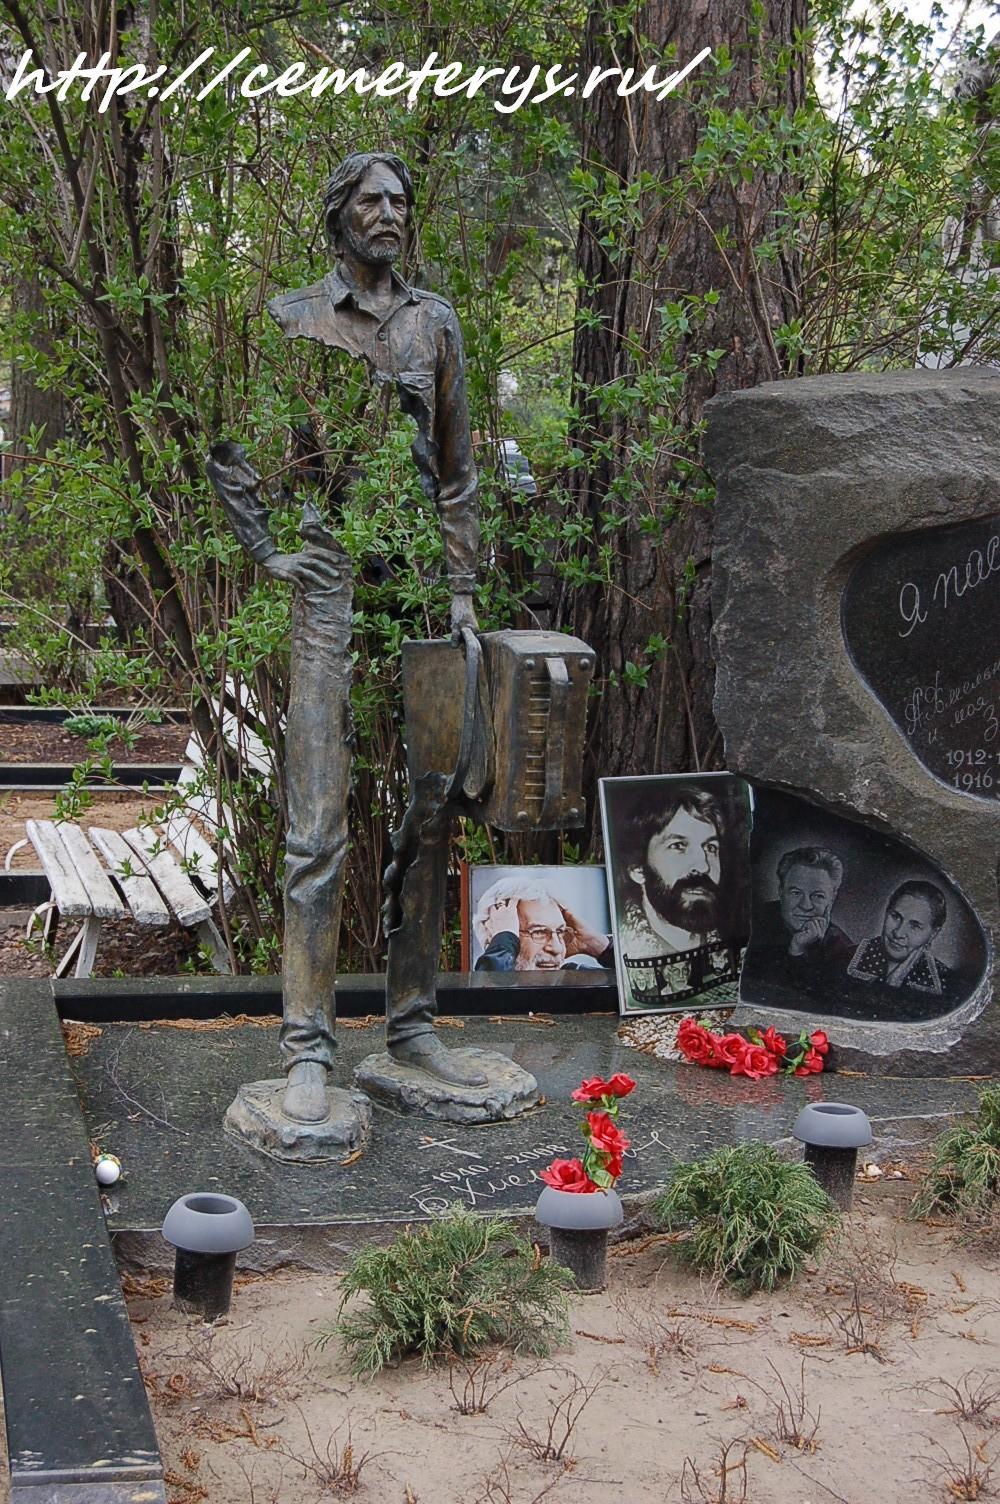 могила Бориса Хмельницкого на Кунцевском кладбище в Москве (фото Дмитрия Кондратьева)